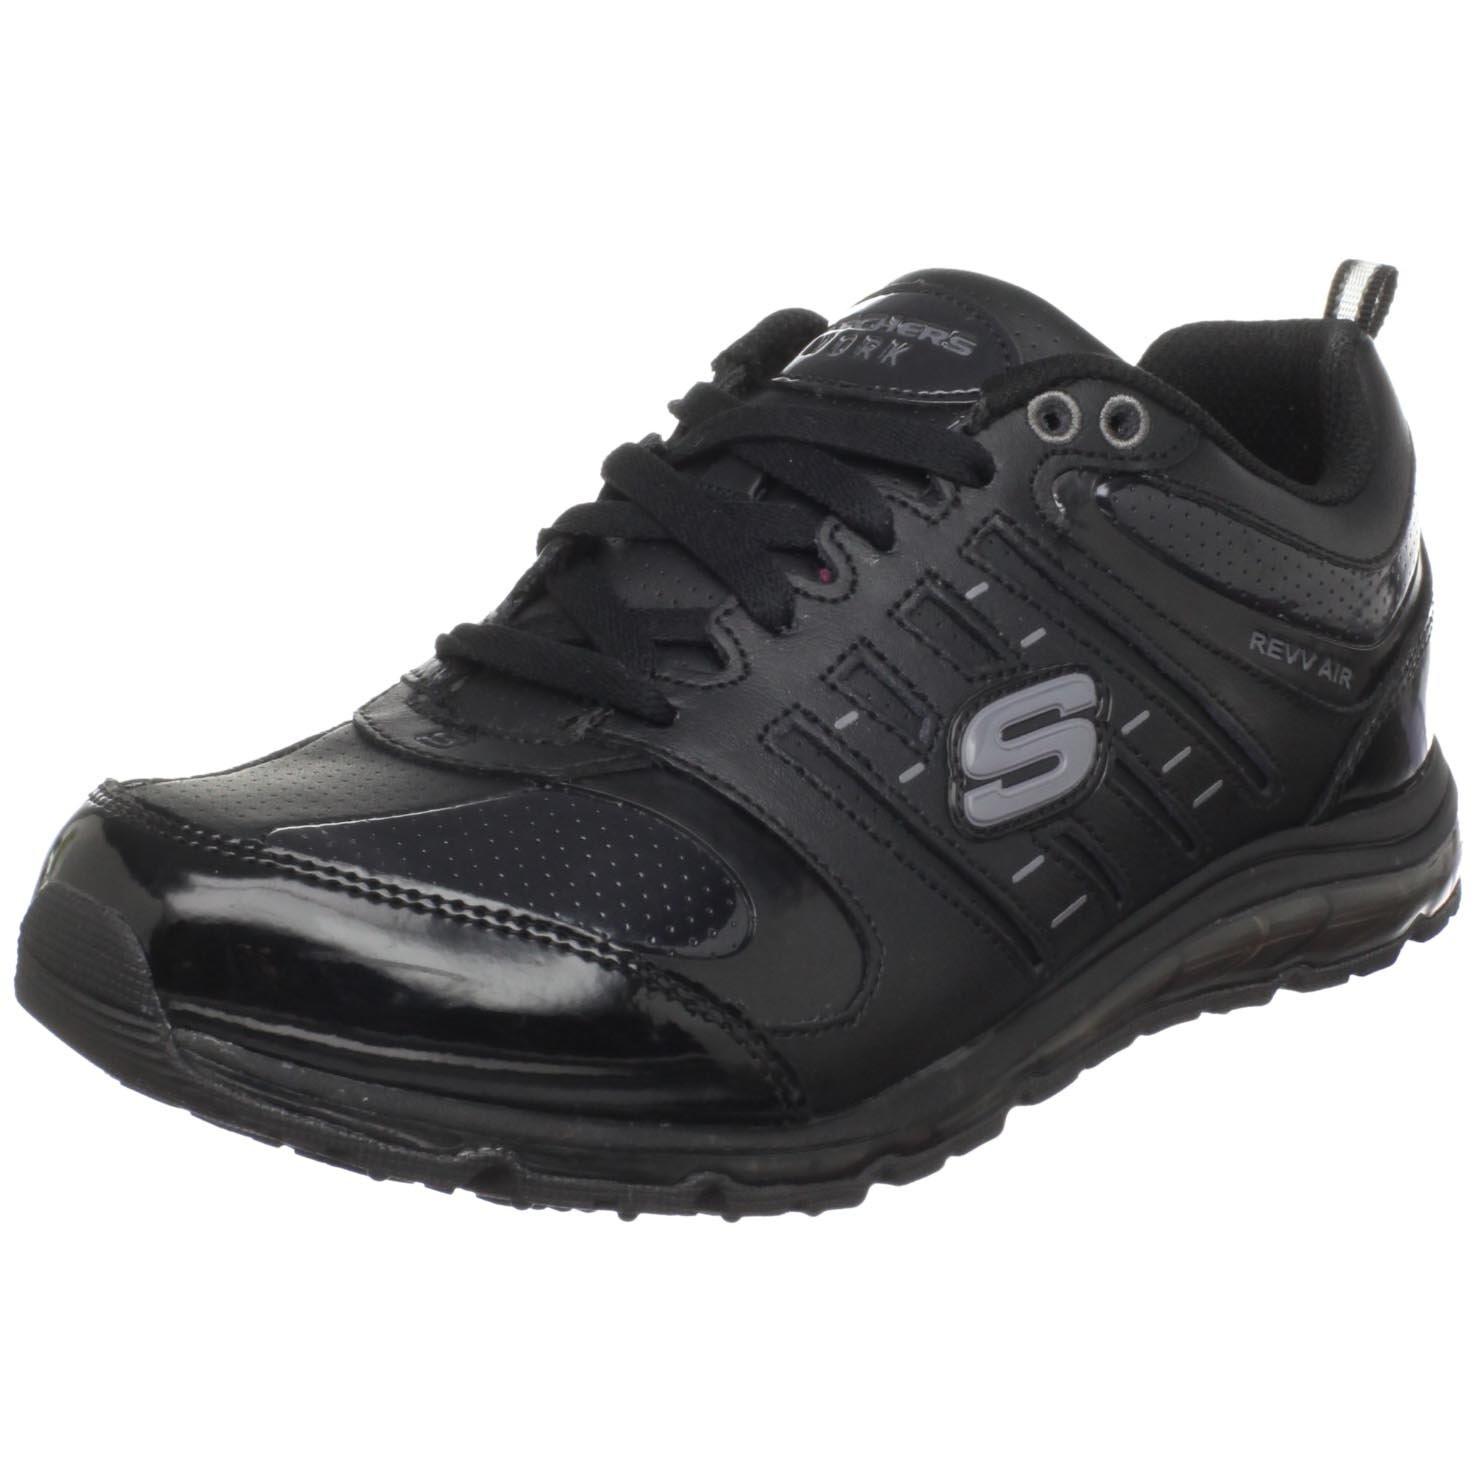 Skechers fAtilde;frac14;r Arbeit 51191 Air-revvolution Sneaker  US 6.5|UK 3.5|EU 36.5|Black